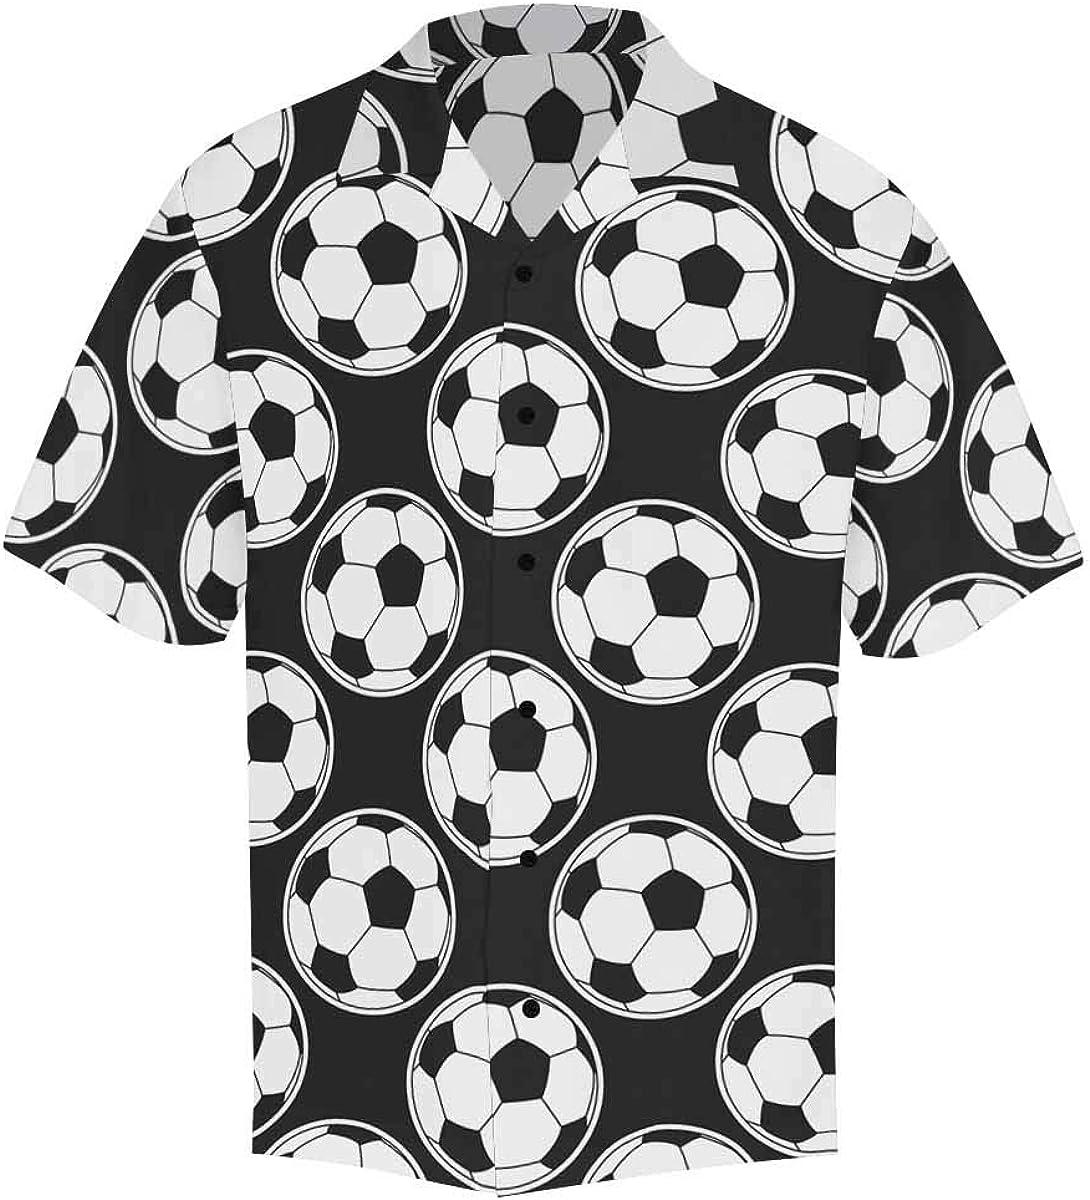 InterestPrint Men's Casual Button Down Short Sleeve Colorful Sport Ball Hawaiian Shirt (S-5XL)